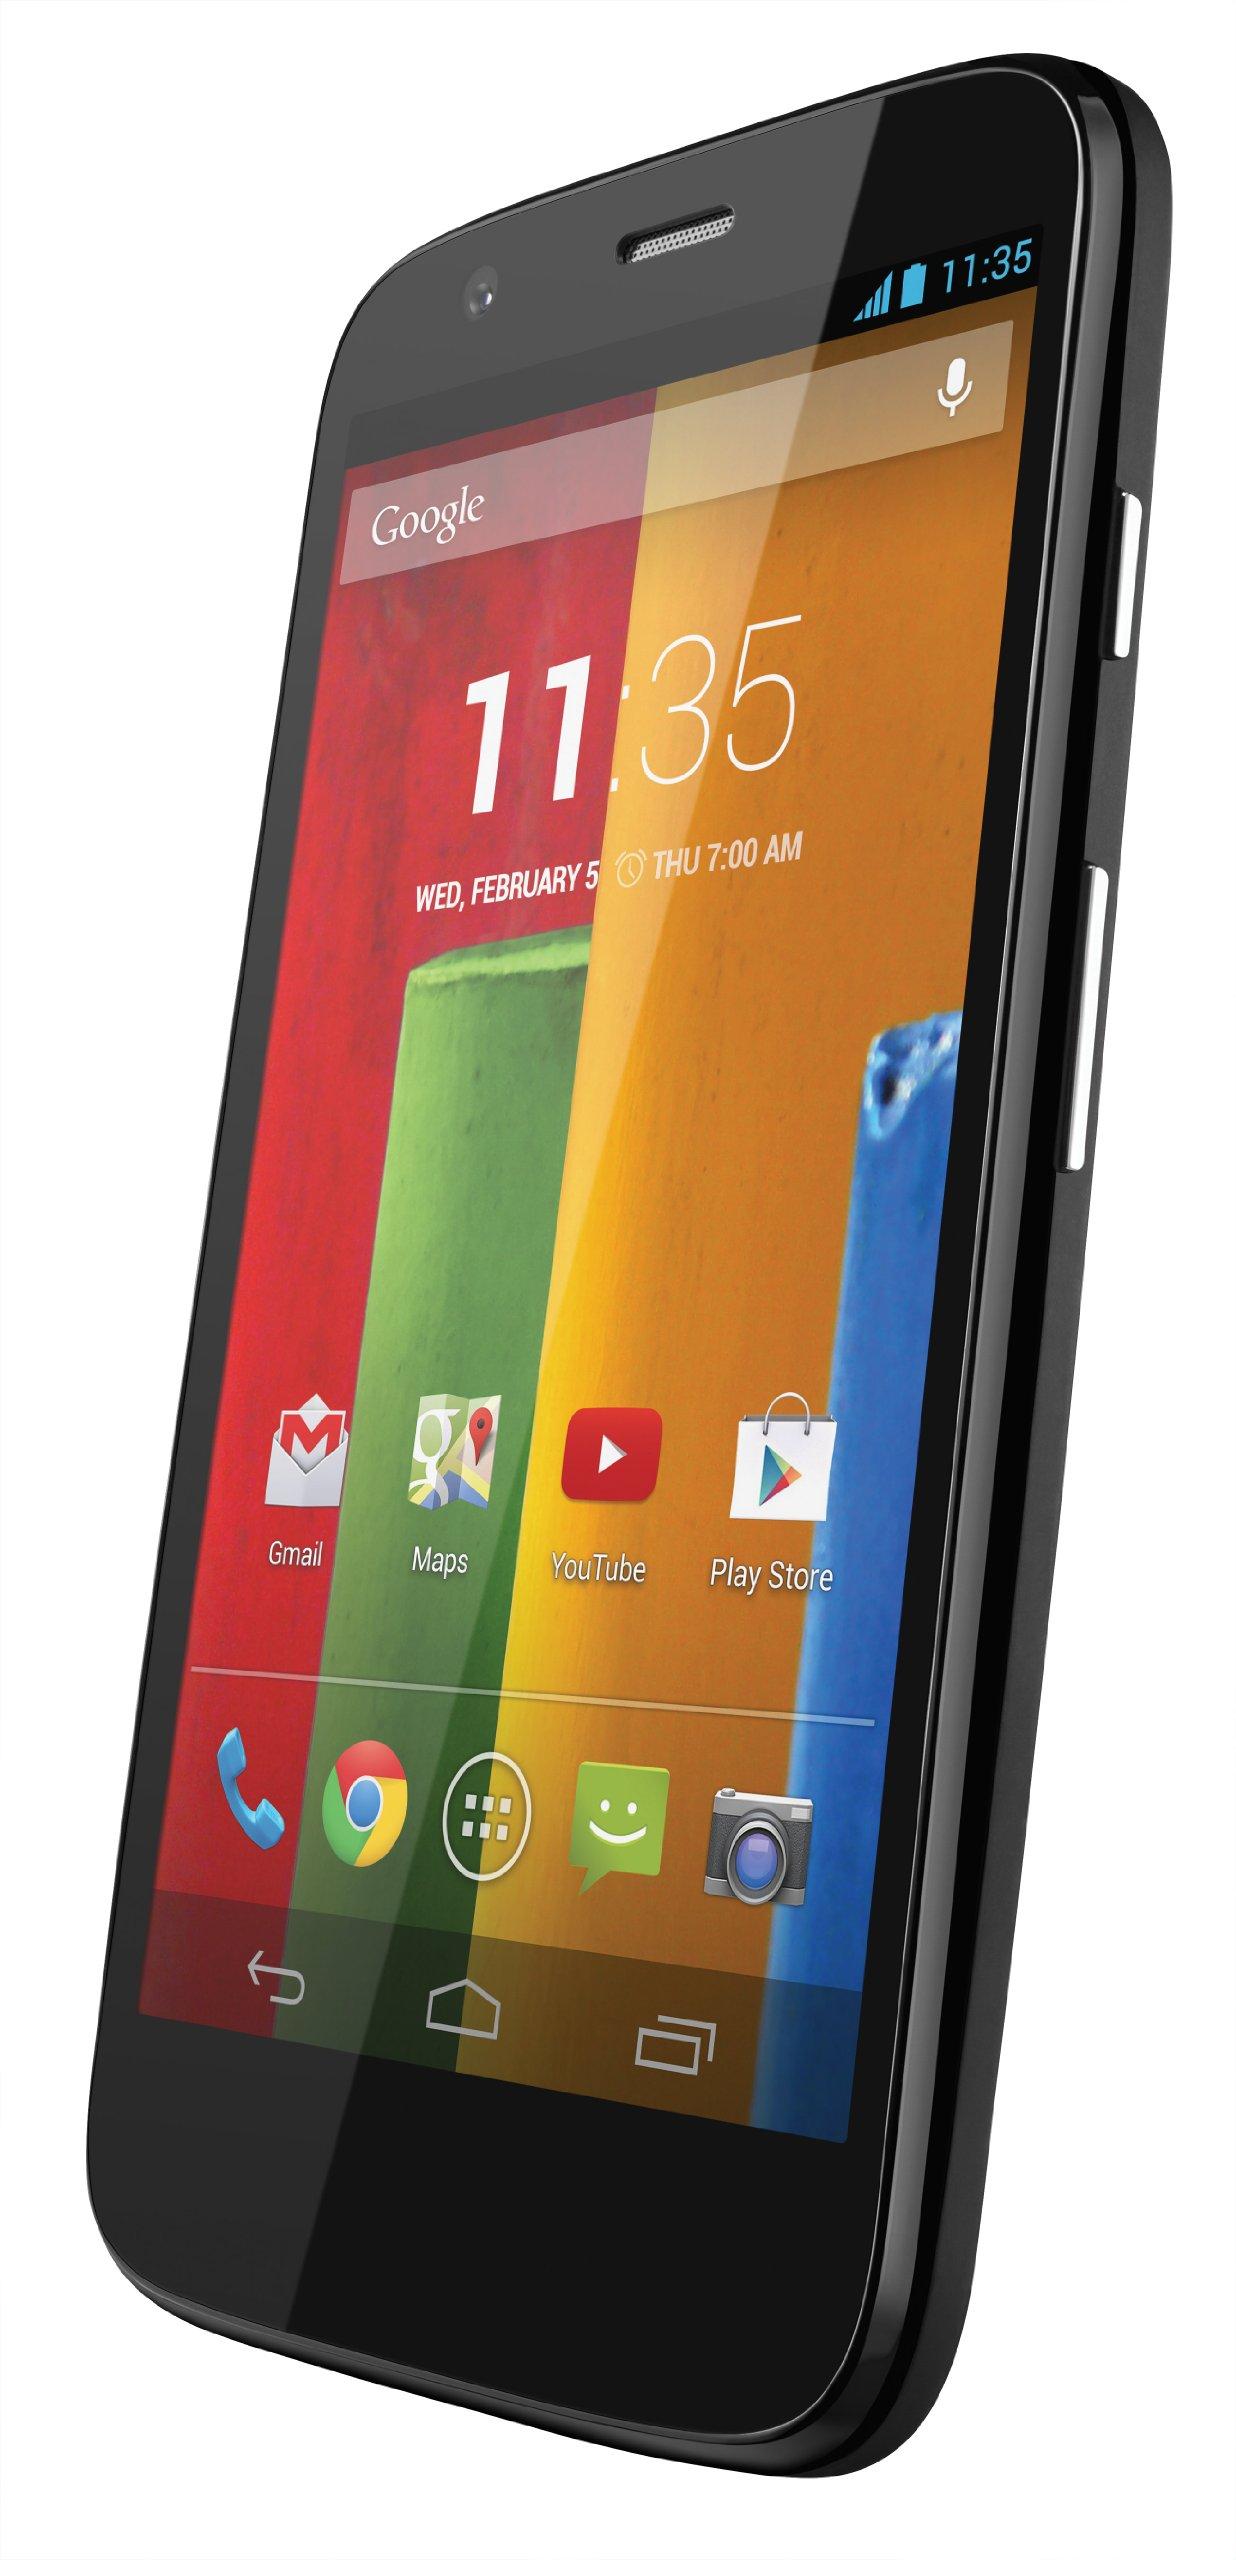 Moto G - Verizon Prepaid Phone (Verizon Prepaid Only) by MOTCB (Image #3)